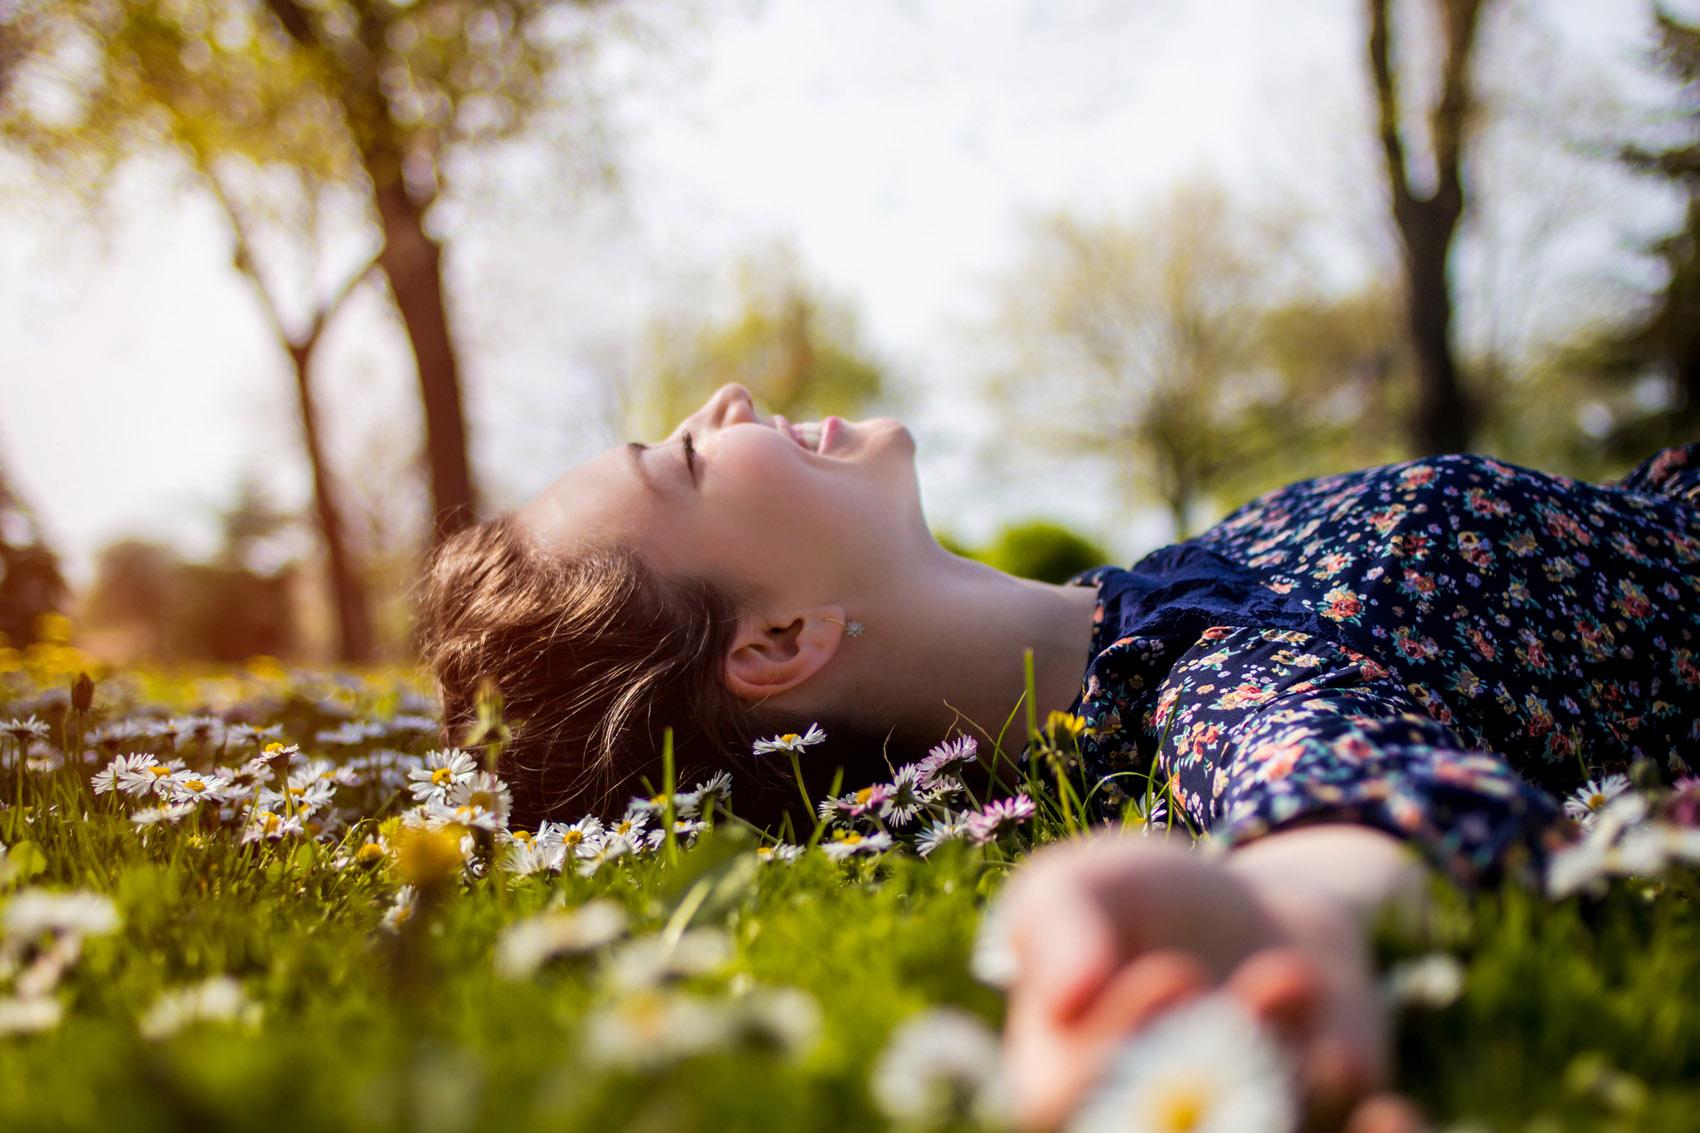 Prato Rigenerante Come Funziona strategie detox: i metodi migliori per ripulire l'organismo